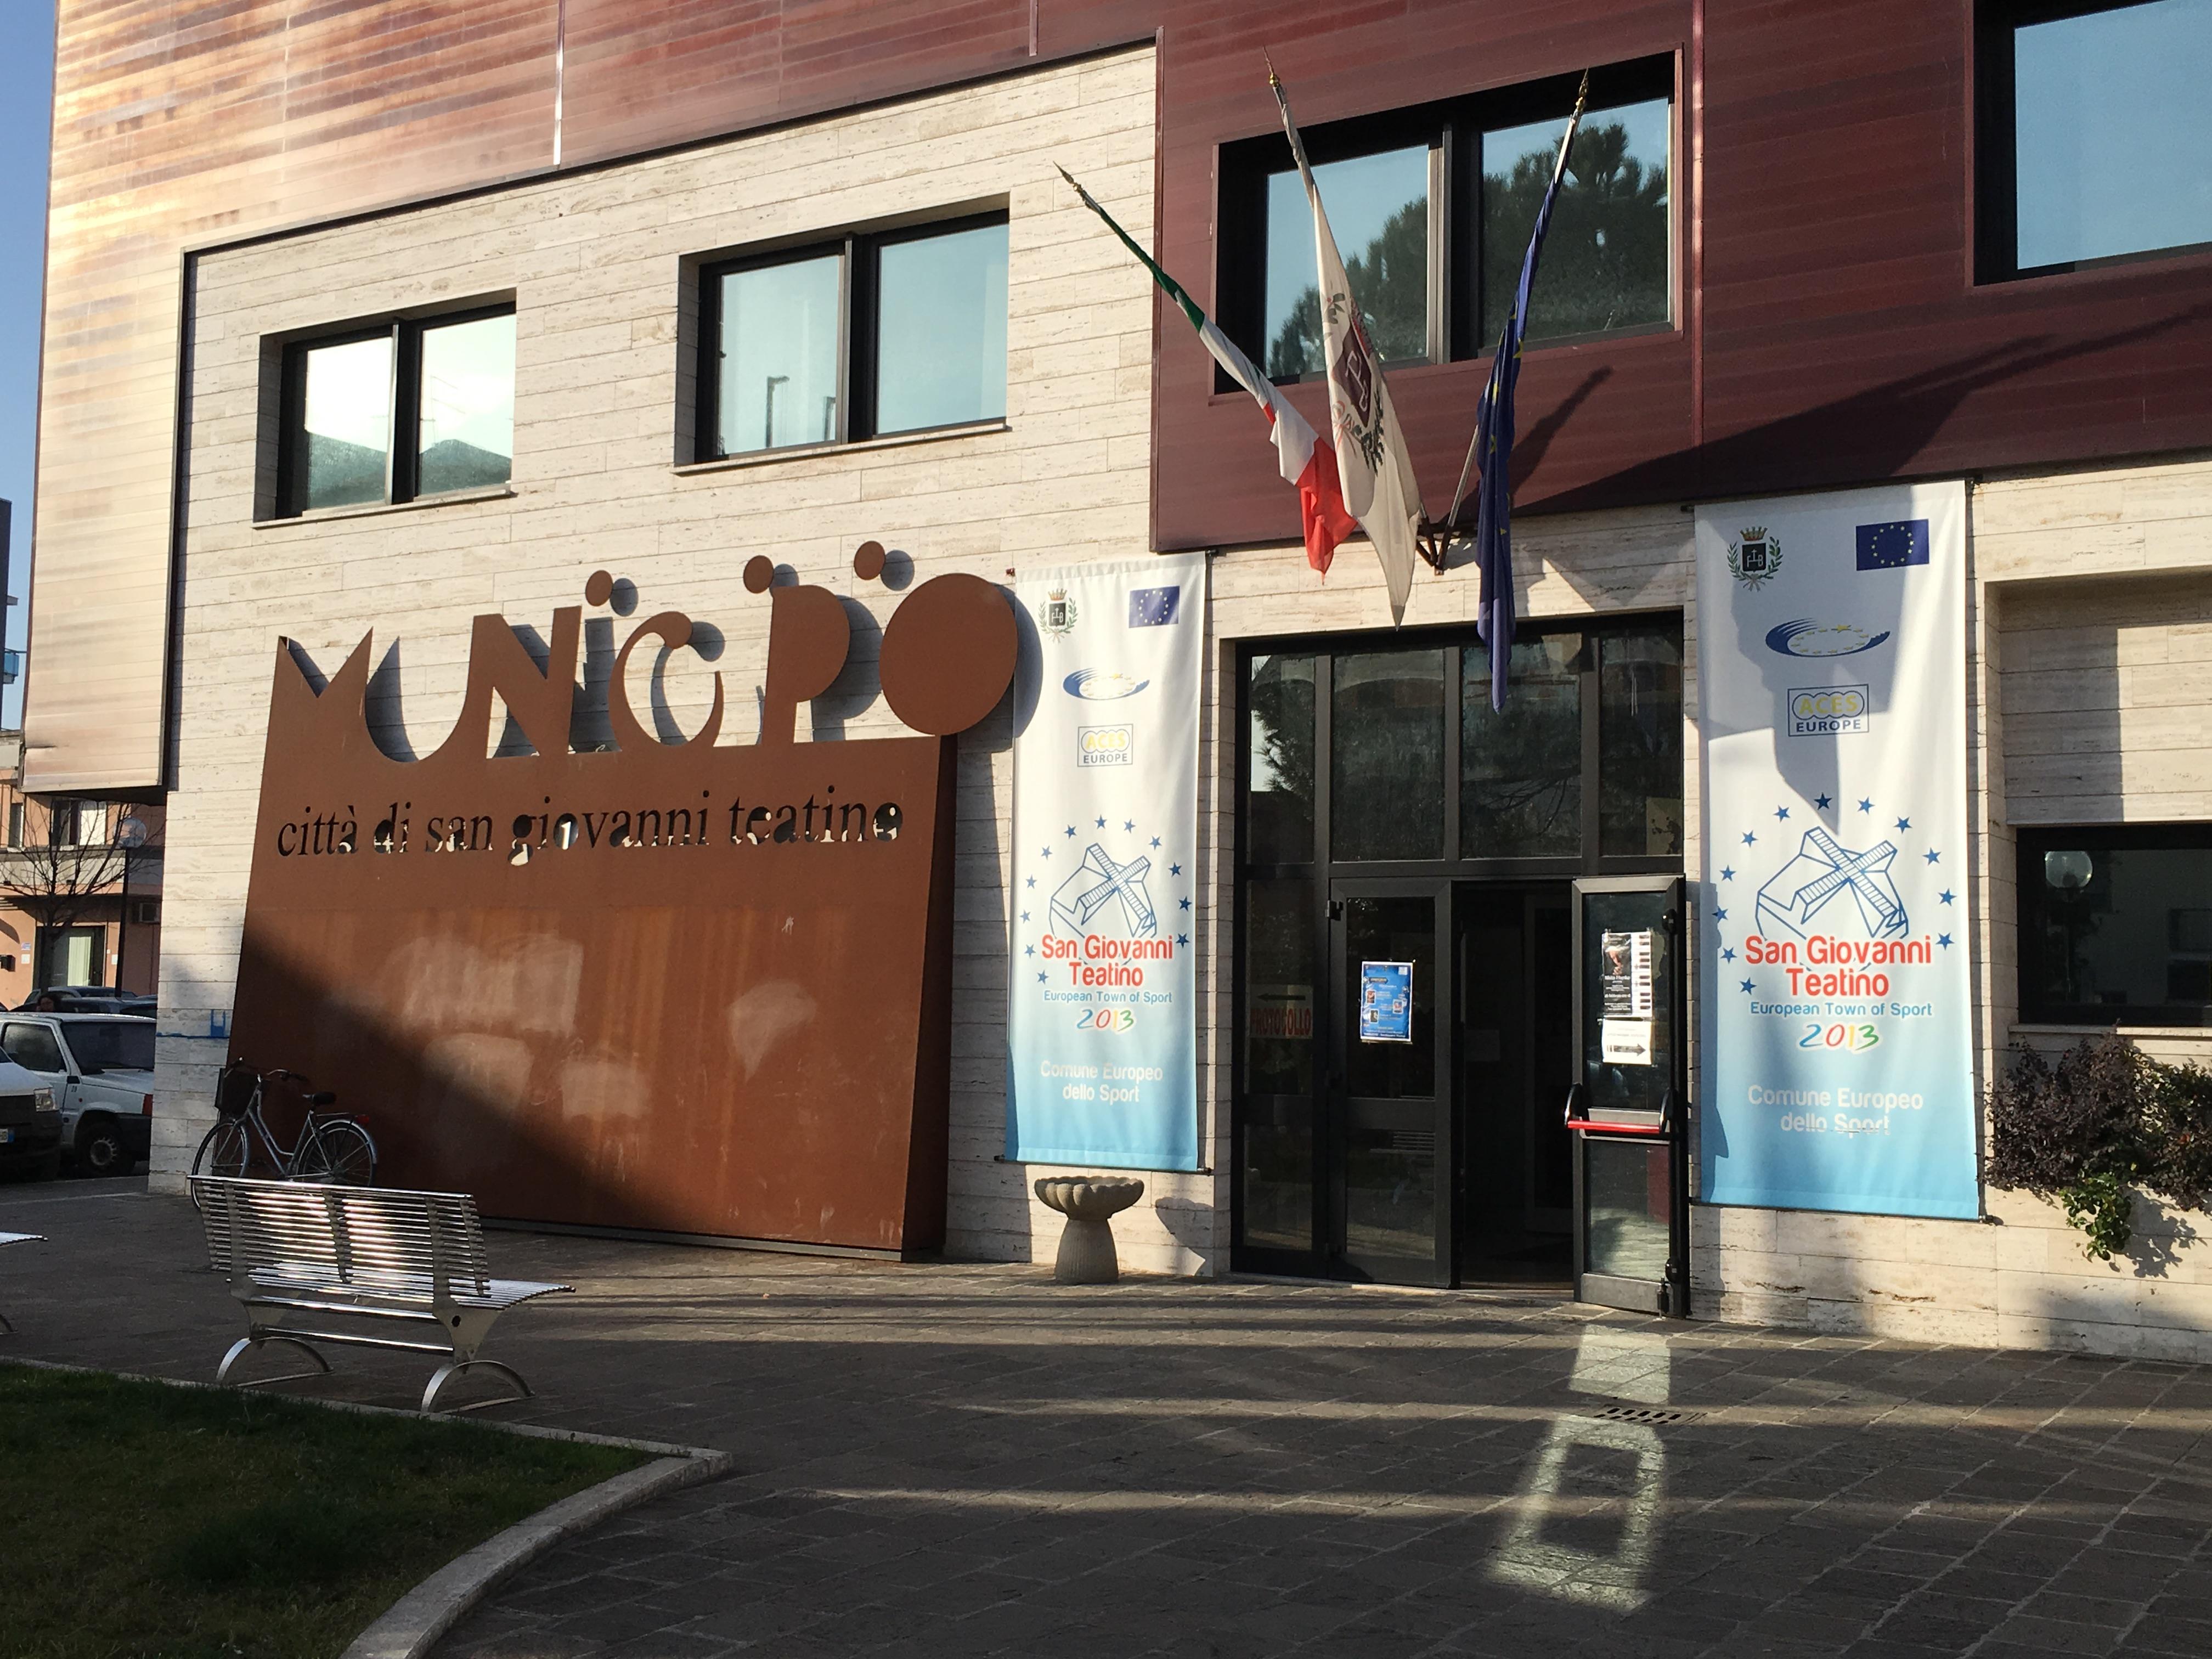 San Giovanni Teatino: illuminazione pubblica a risparmio